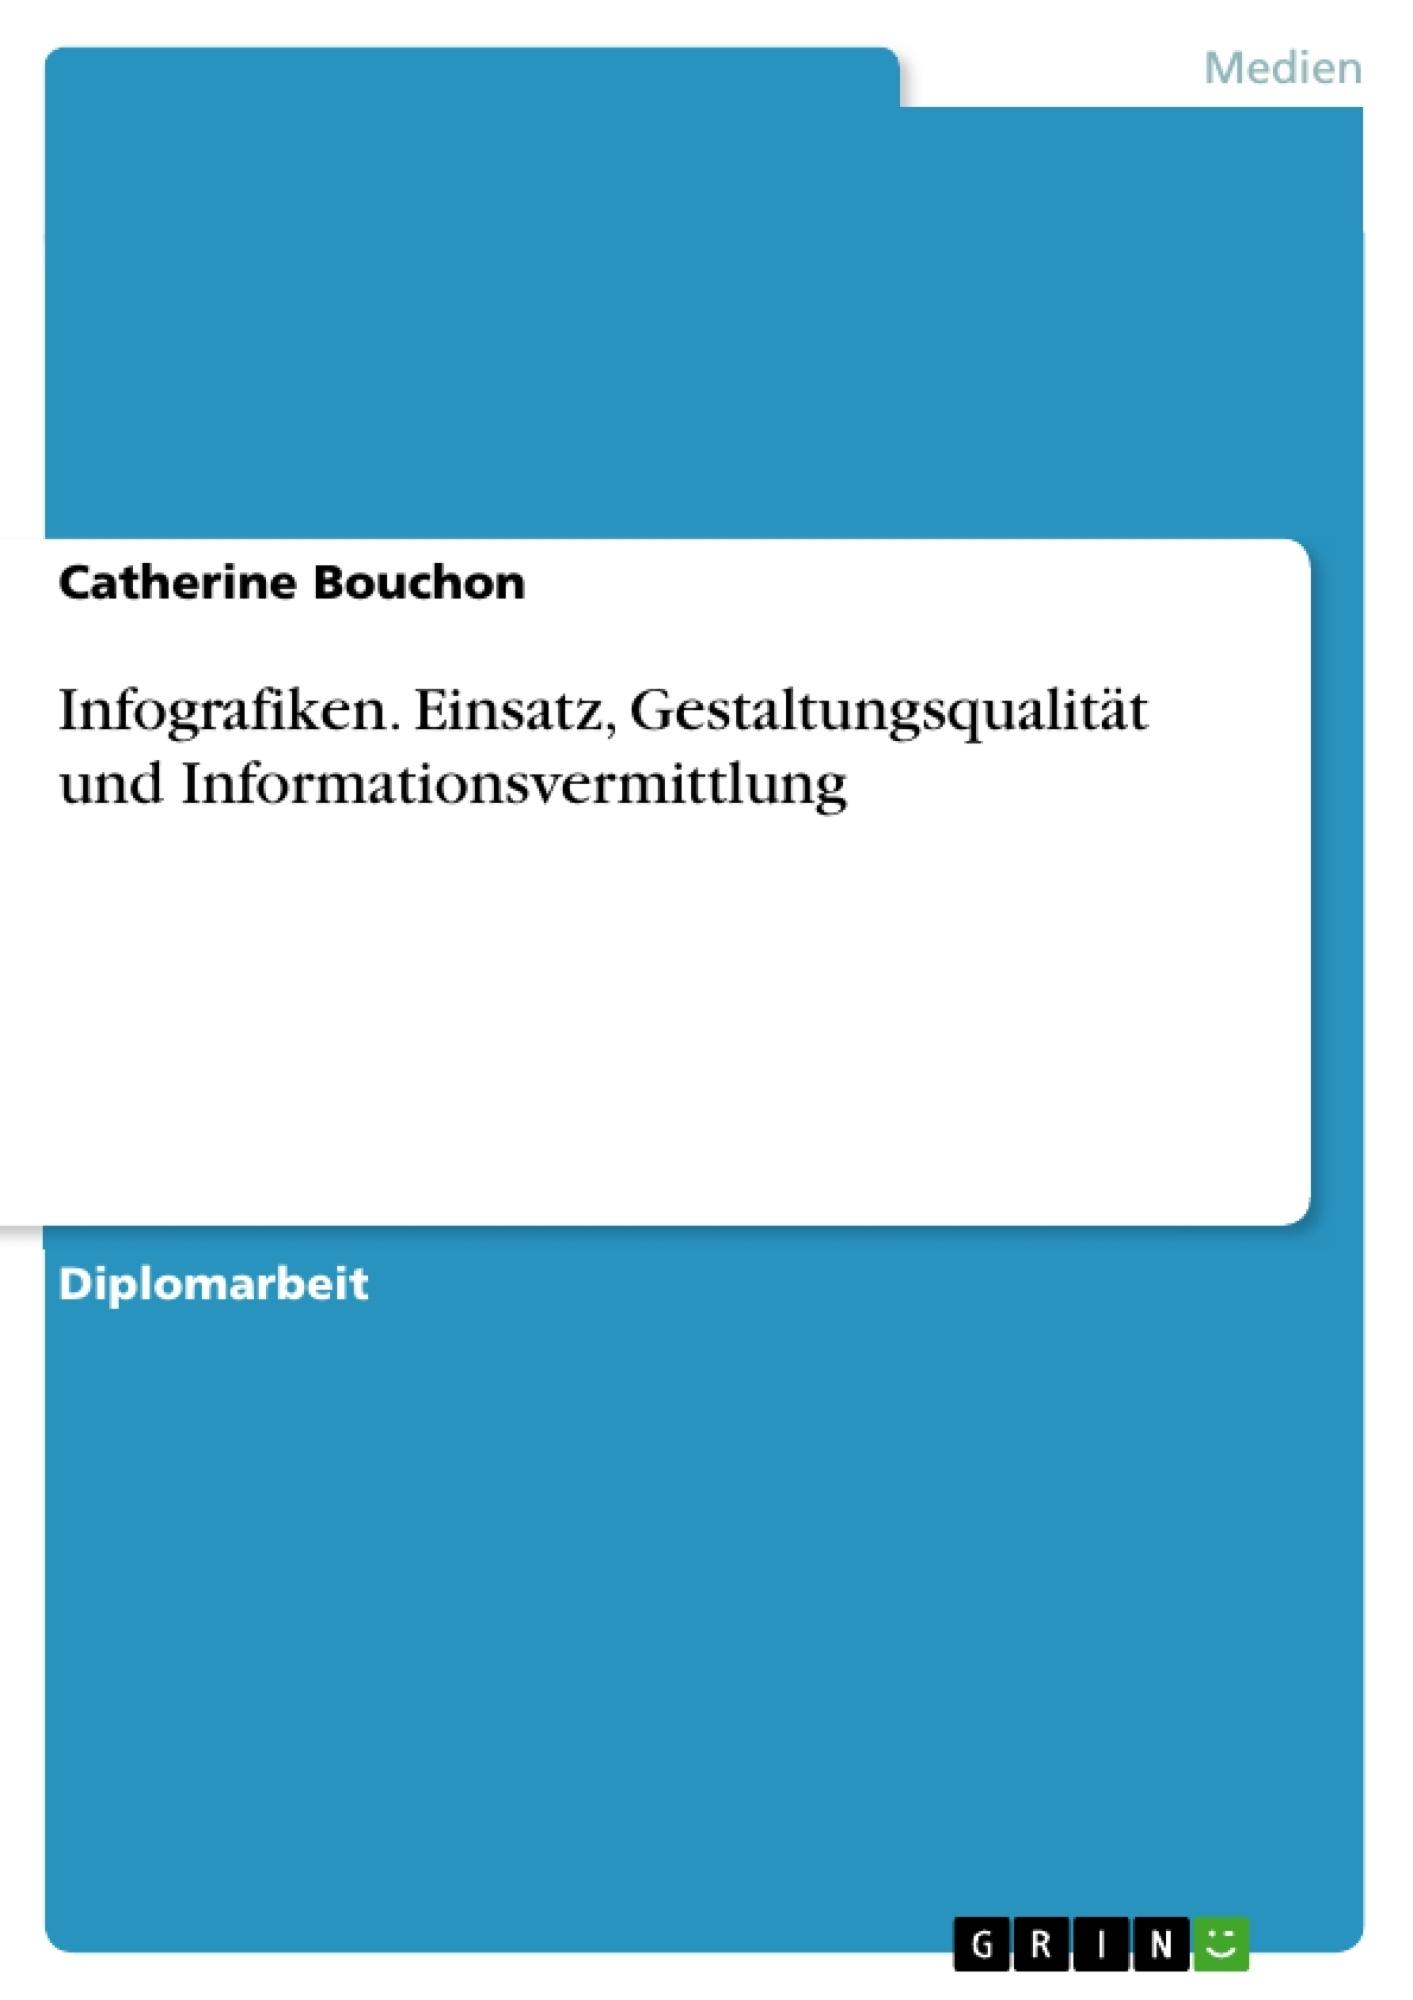 Titel: Infografiken. Einsatz, Gestaltungsqualität und Informationsvermittlung